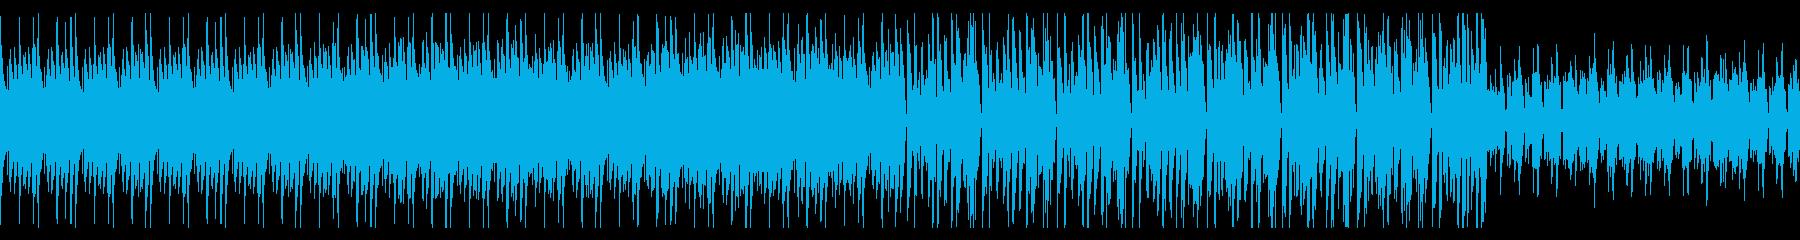 電子音のテクスチャBGMの再生済みの波形